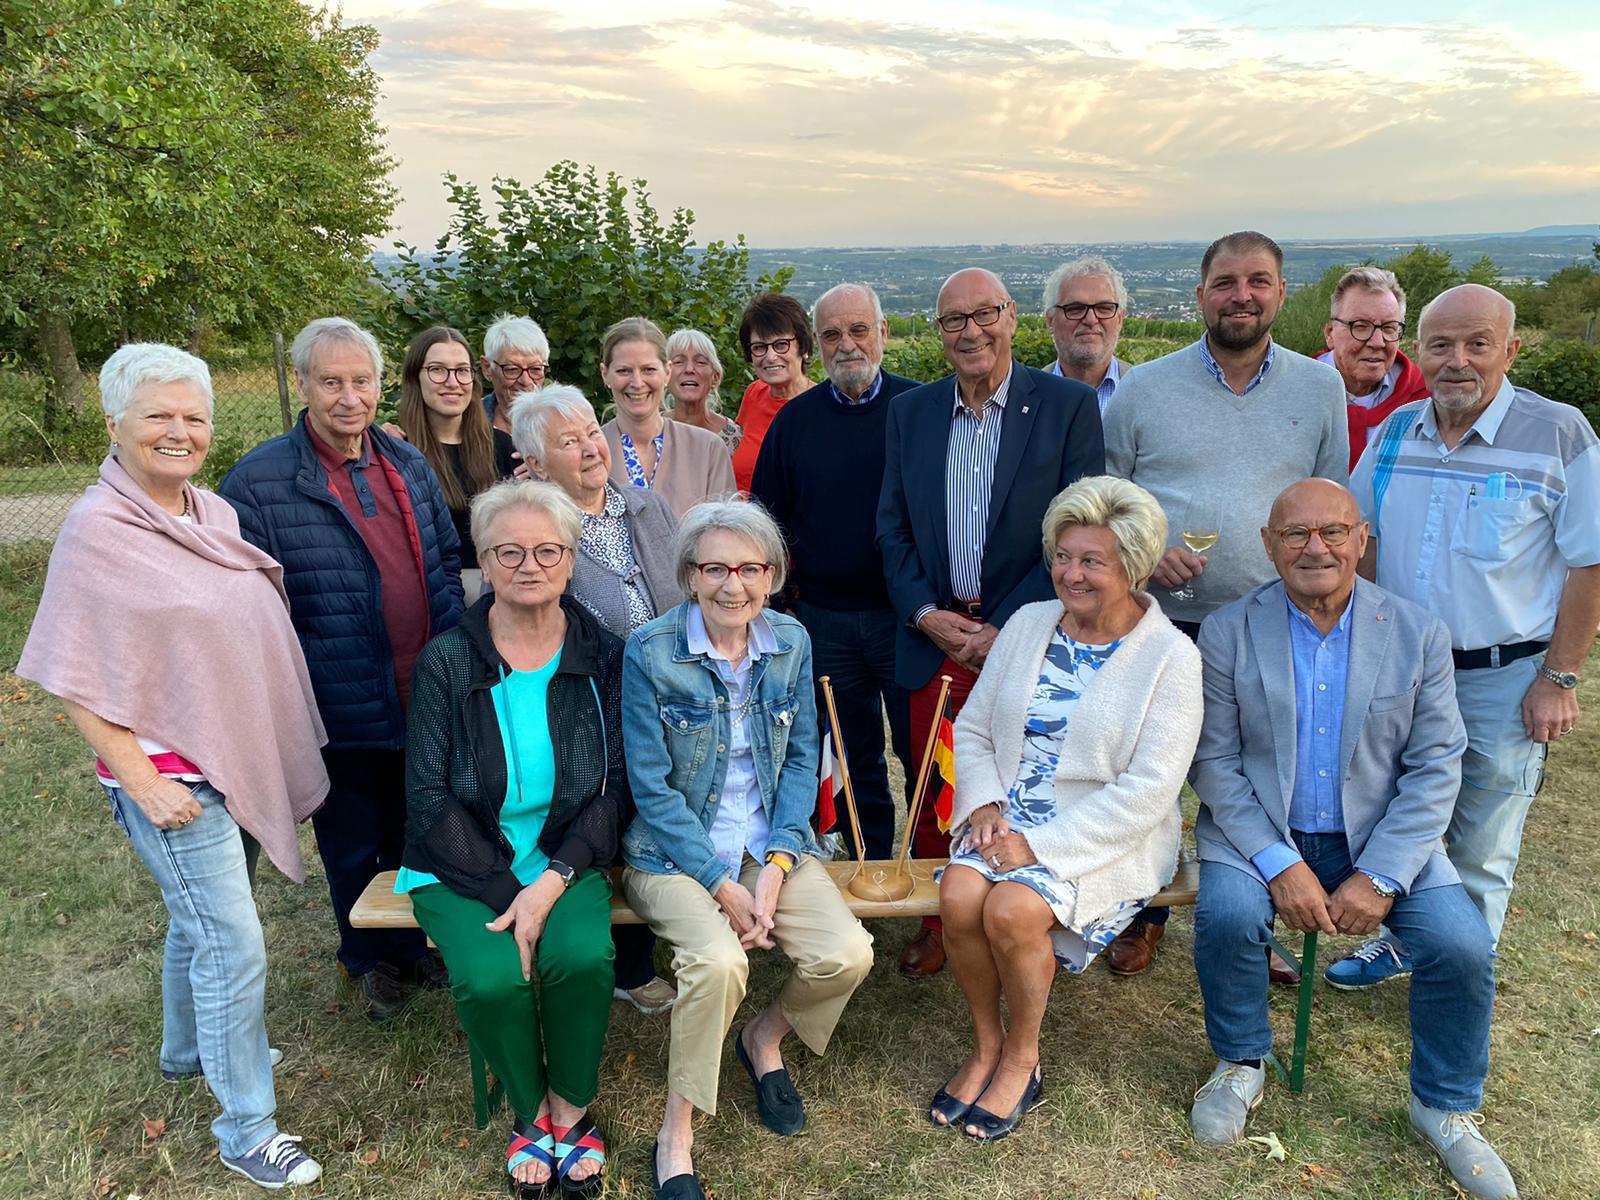 Freunde aus Wiesbaden begruessen die Stadt Jaroslawl  zum Stadtfest